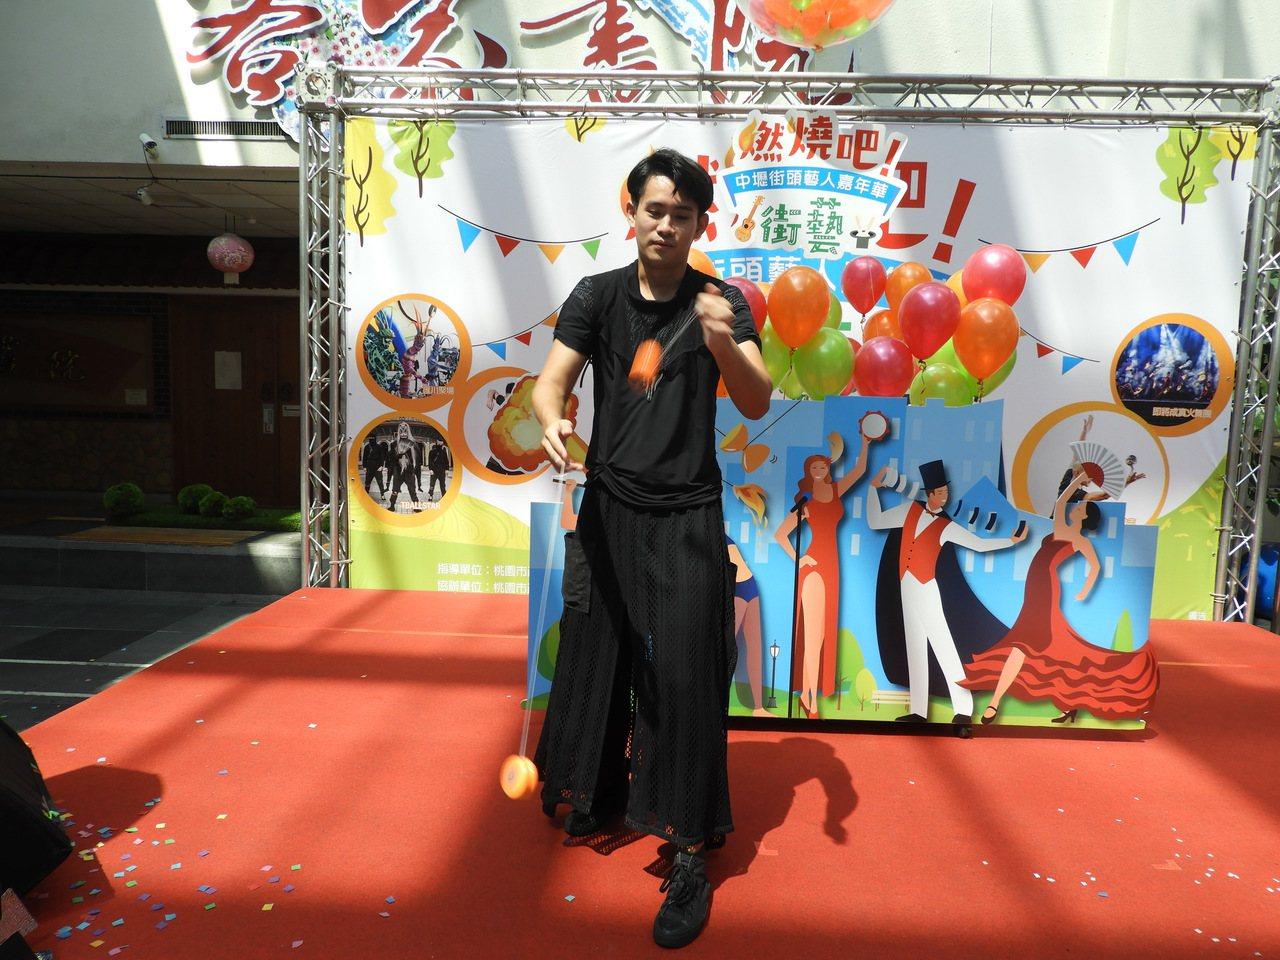 揭幕式請來了世界溜溜球大賽地球自轉項目冠軍楊元慶示範表演。記者高宇震/攝影